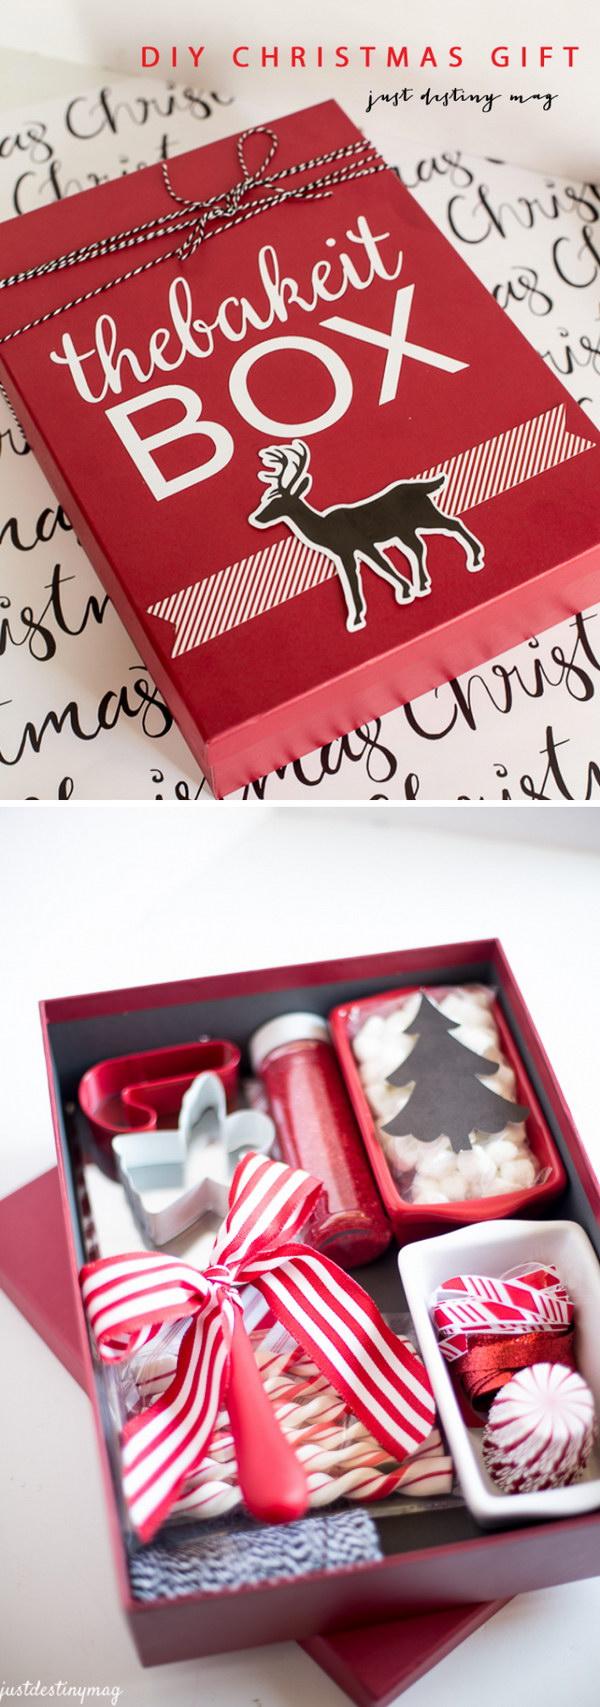 DIY Christmas Gift Box.